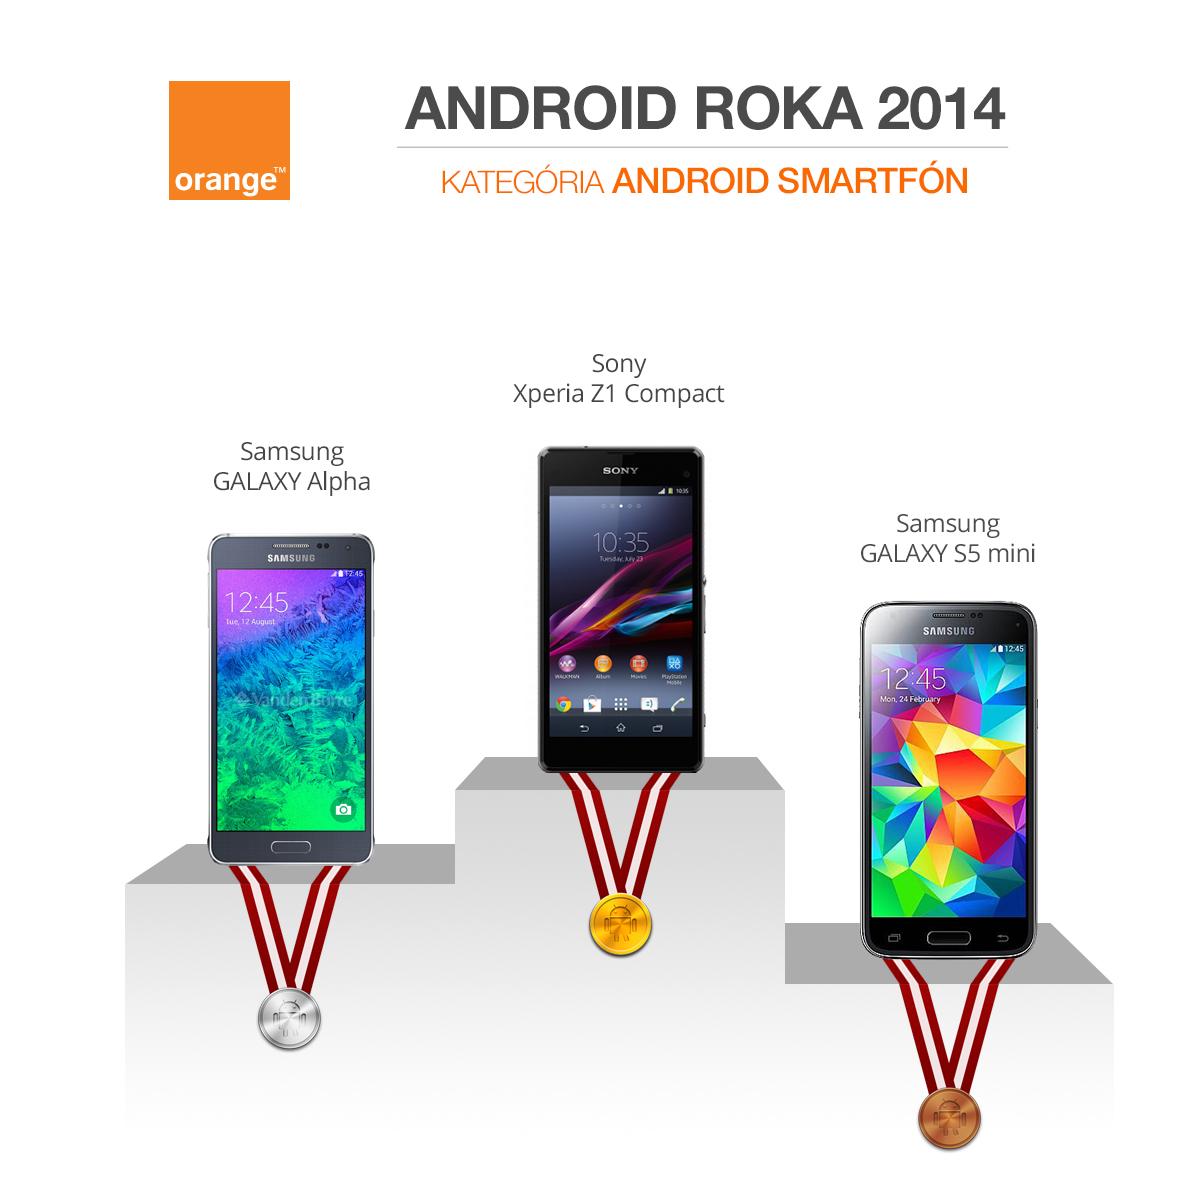 android roka 2014-smartfon